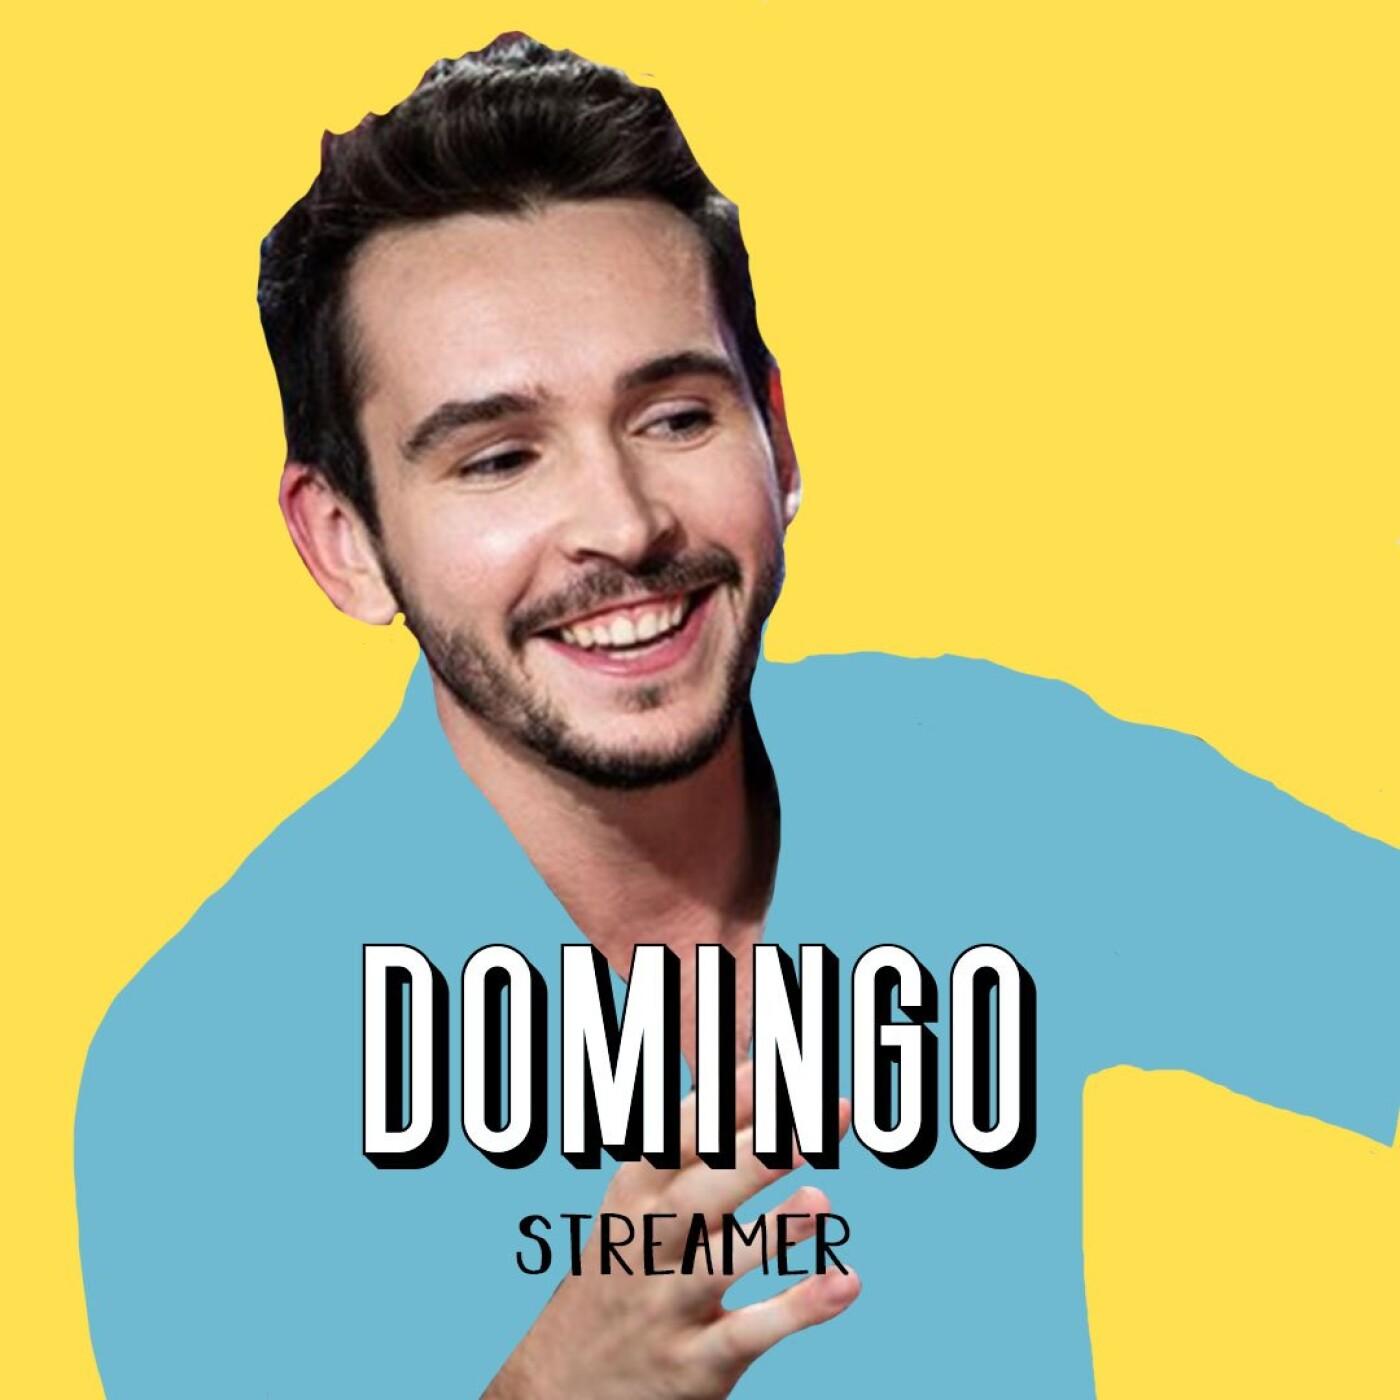 Domingo, Streamer - Tu ne sauras pas tant que tu n'auras pas essayé